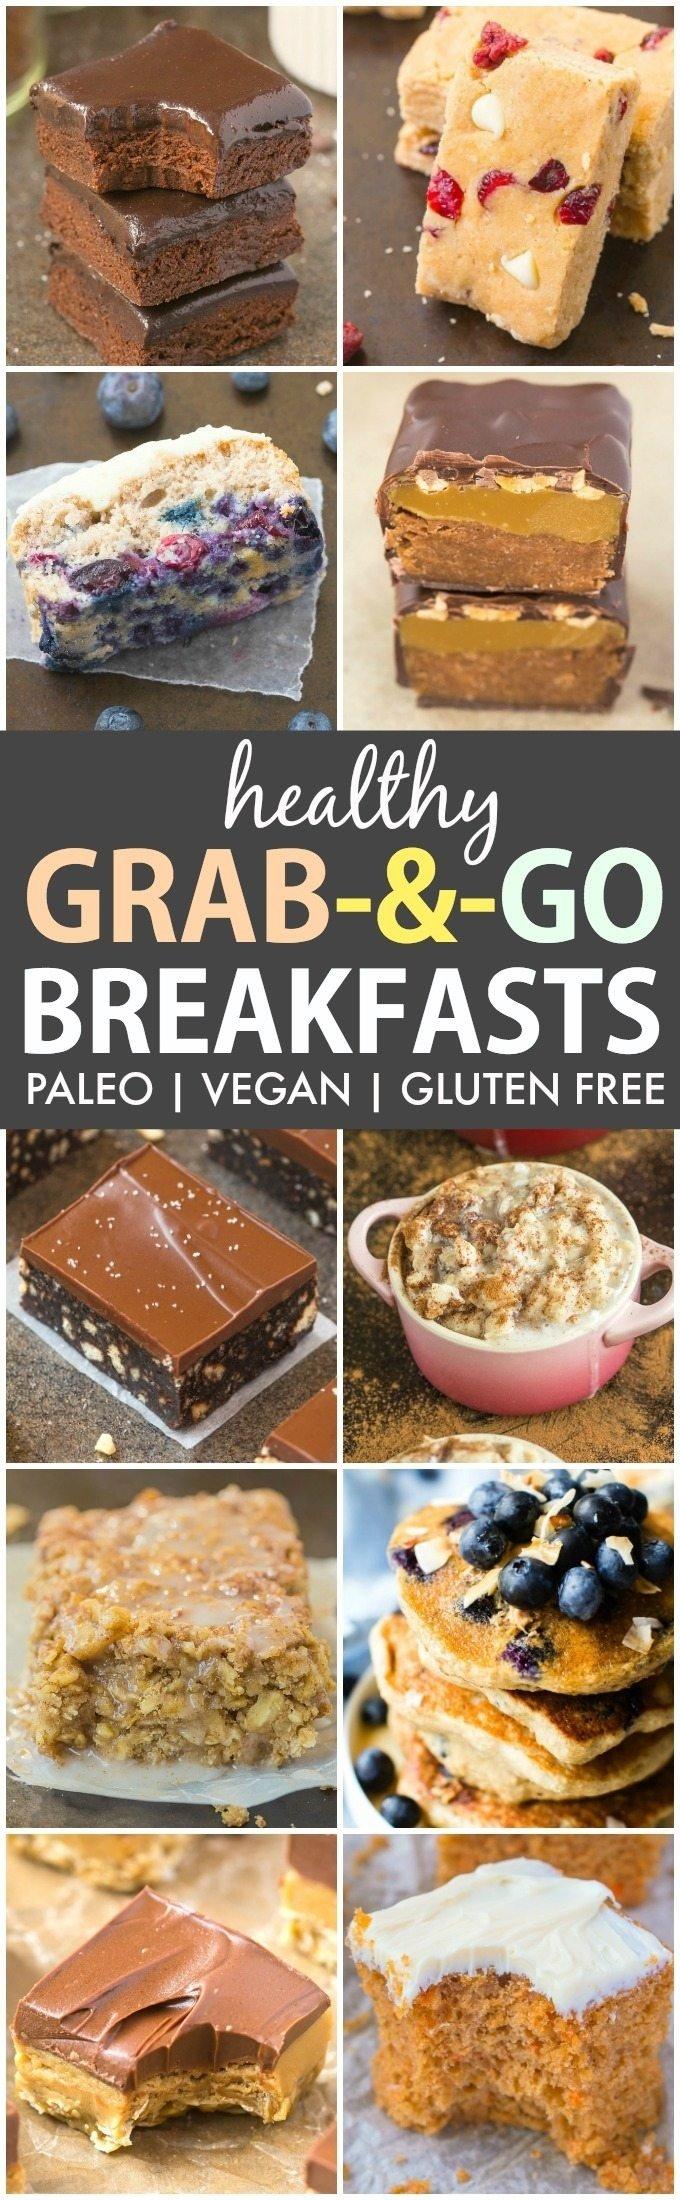 10 Stunning Paleo Breakfast Ideas On The Go 25 easy and healthy grab and go breakfast ideas paleo vegan 2020